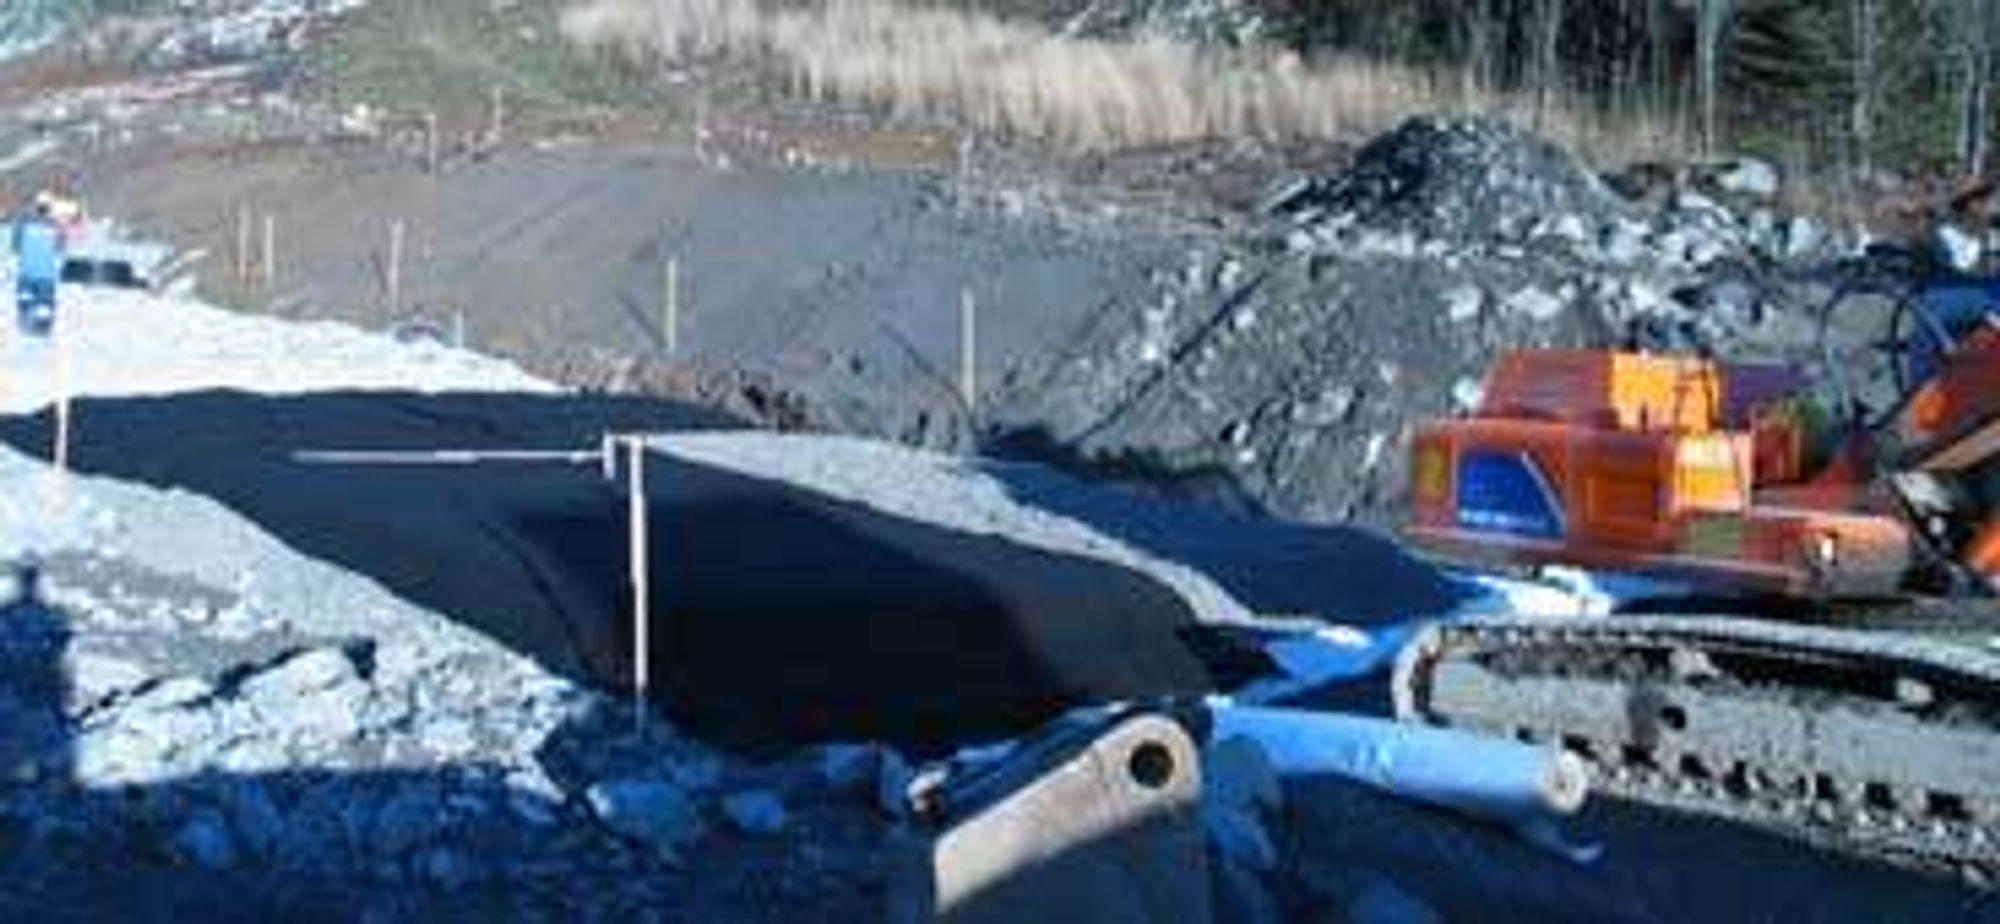 GJENBRUK: På E6 strekning Klemetsrud - Assurtjern sør for Oslo, er påkjøringsrampen til E6 blitt et stort feltforsøk med gjenbruksmaterialer i vei. FOTO: OSLO VEI